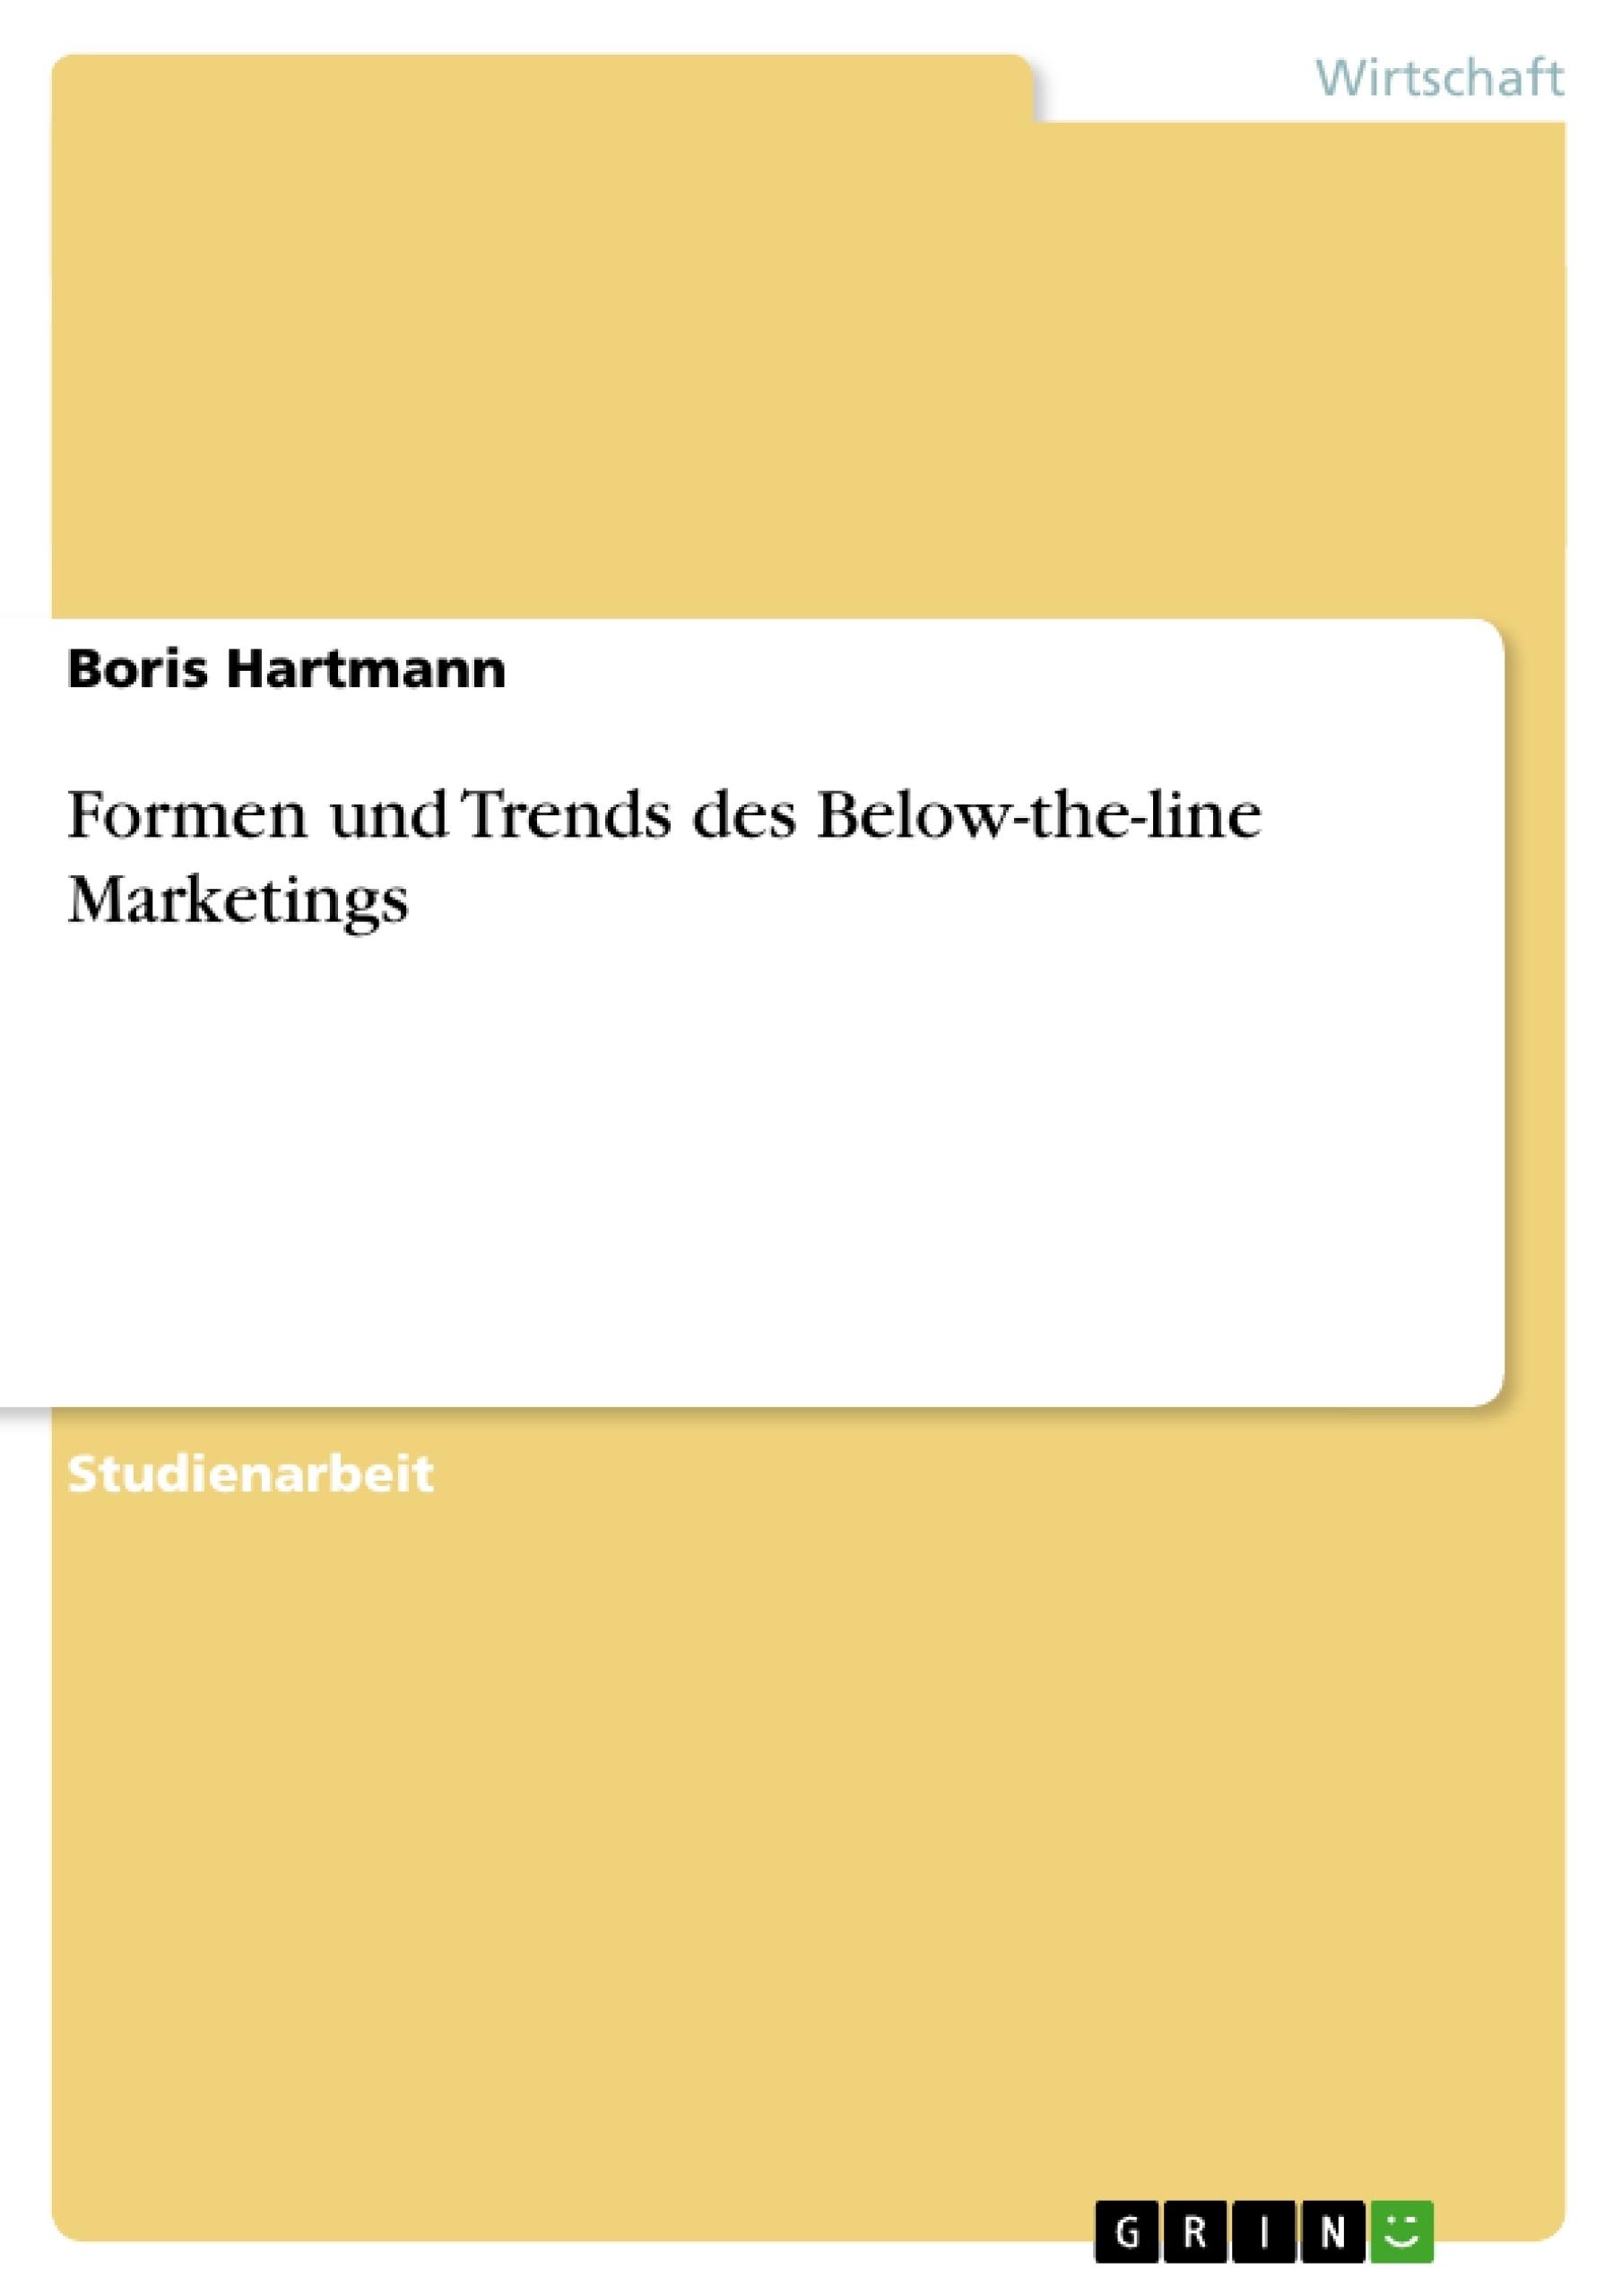 Titel: Formen und Trends des Below-the-line Marketings